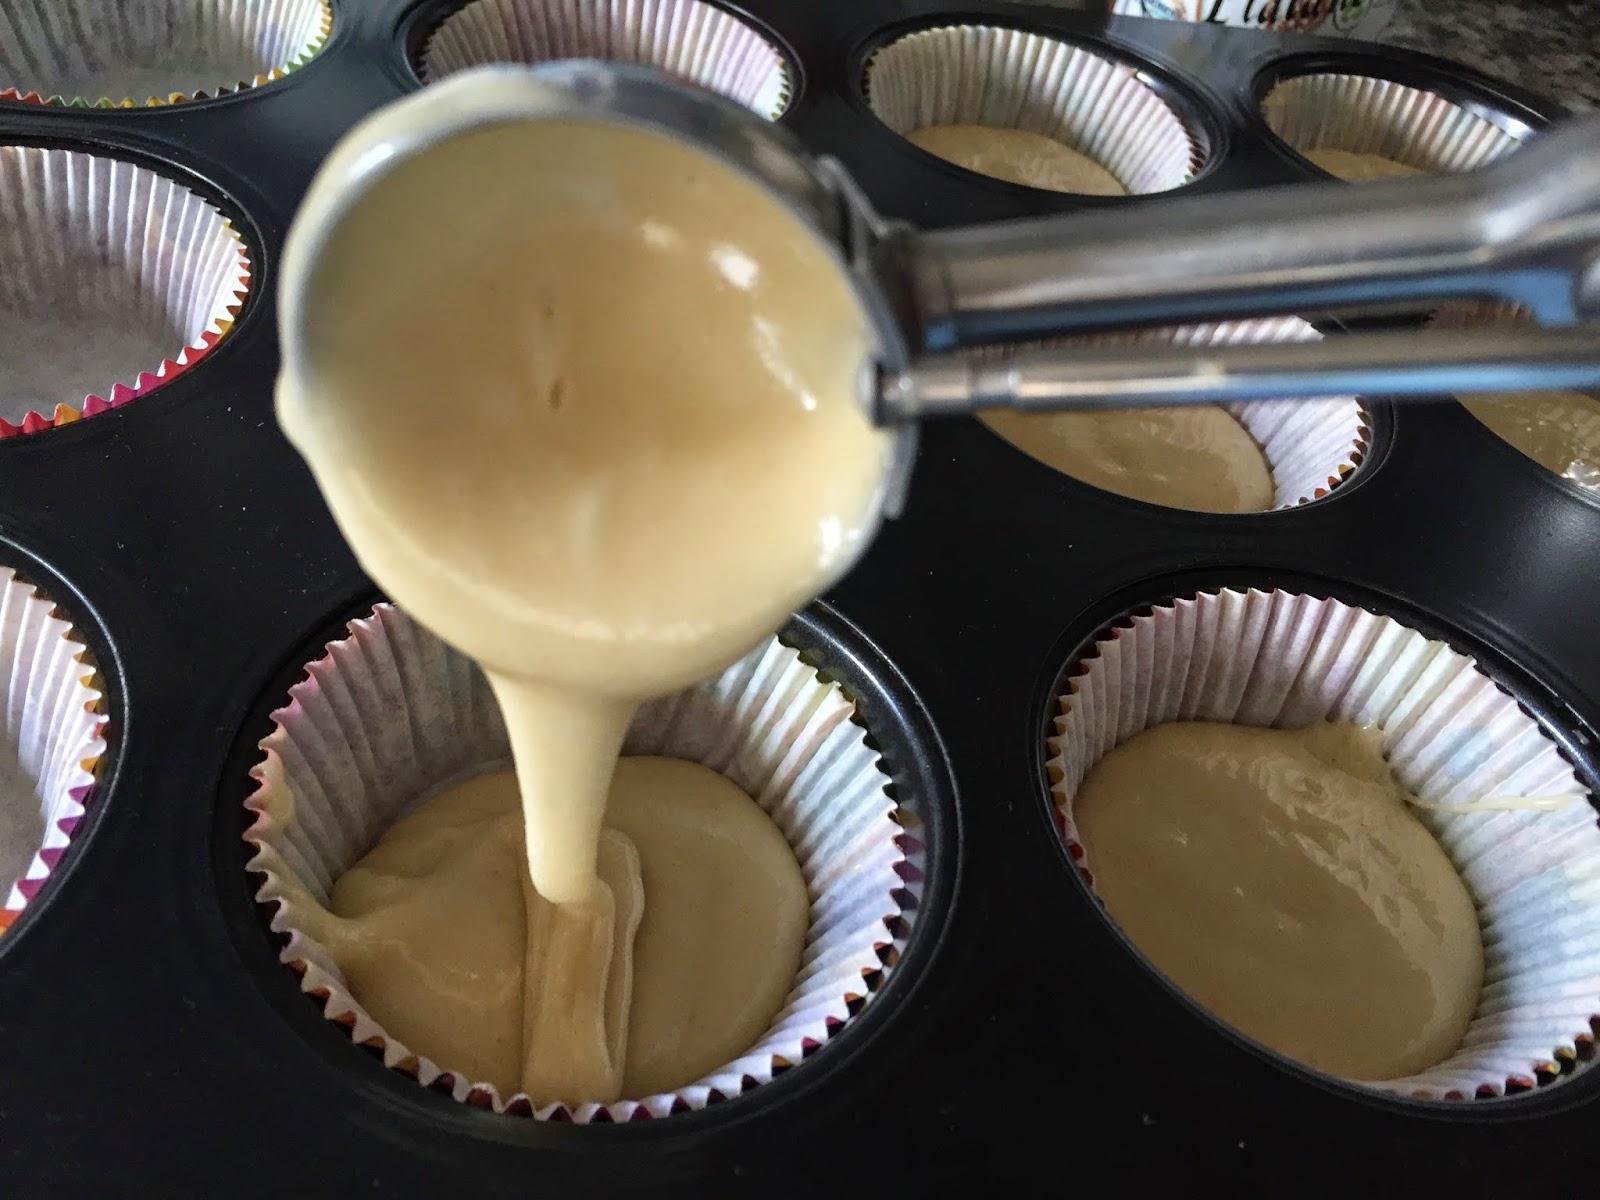 Magdalenas rellenas de mermelada, rellenando moldes con la masa.